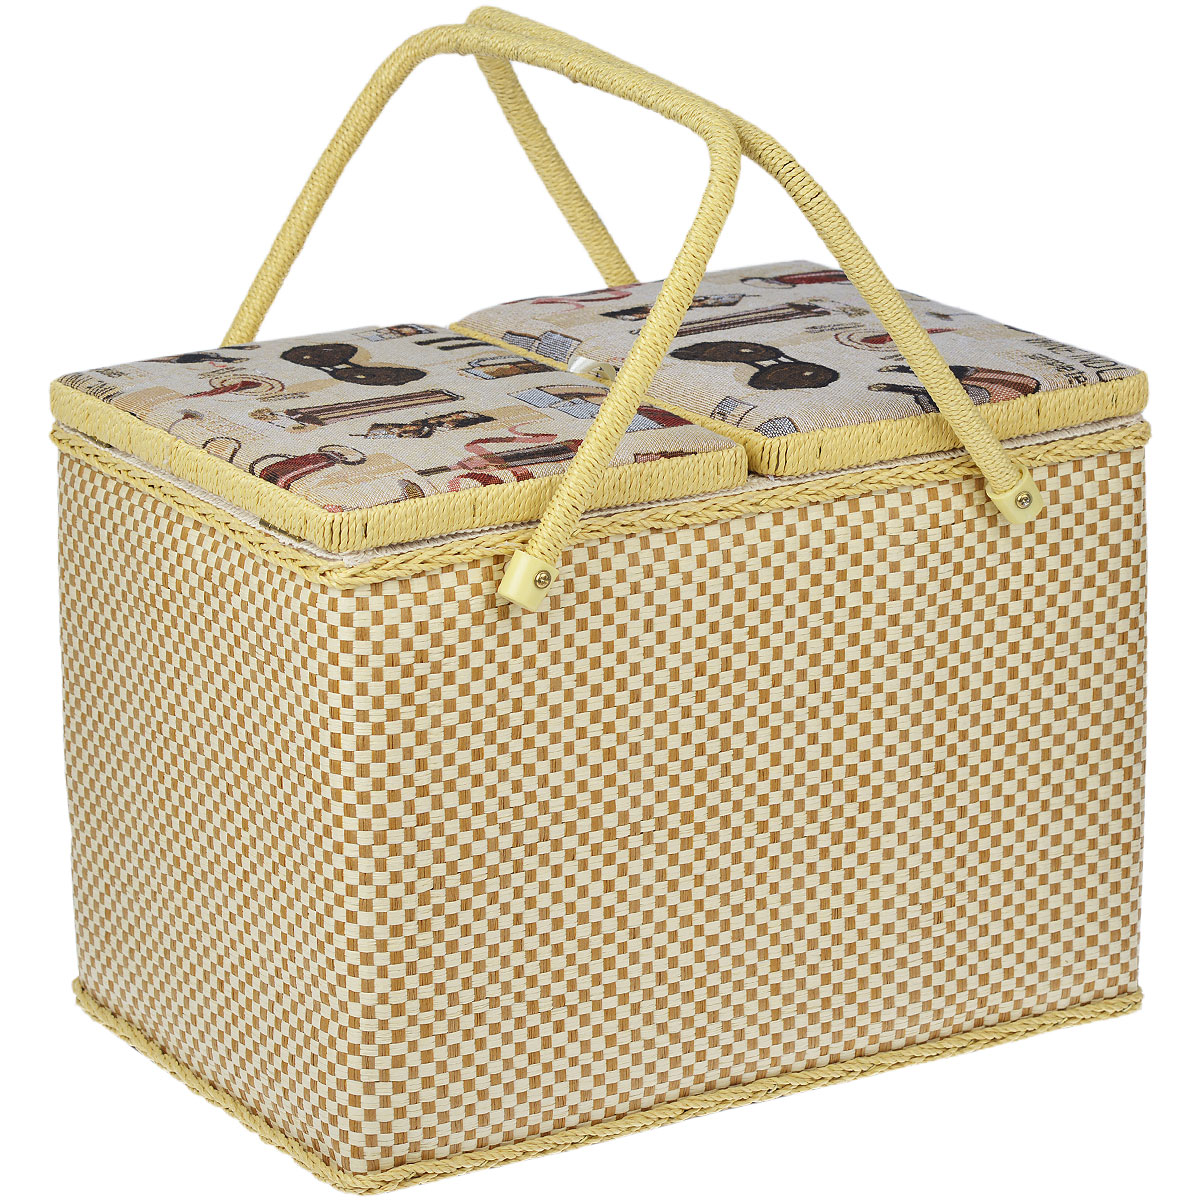 Шкатулка для рукоделия Винная лавкаNF-13101Изделие обтянуто текстилем с красивой цветочной вышивкой. Шкатулка закрываются хлястиком на липучку. Внутри большой шкатулки содержитсясъемный пластиковый лоток с 8 ячейками разного размера. Изделие оснащено удобными плетеными ручками. Изящная шкатулка с ярким дизайном предназначена для хранения мелочей, принадлежностей для шитья и творчества и других аксессуаров. Она красиво оформит интерьер комнаты и поможет хранить ваши вещи в порядке. Прекрасный подарок для рукодельницы.